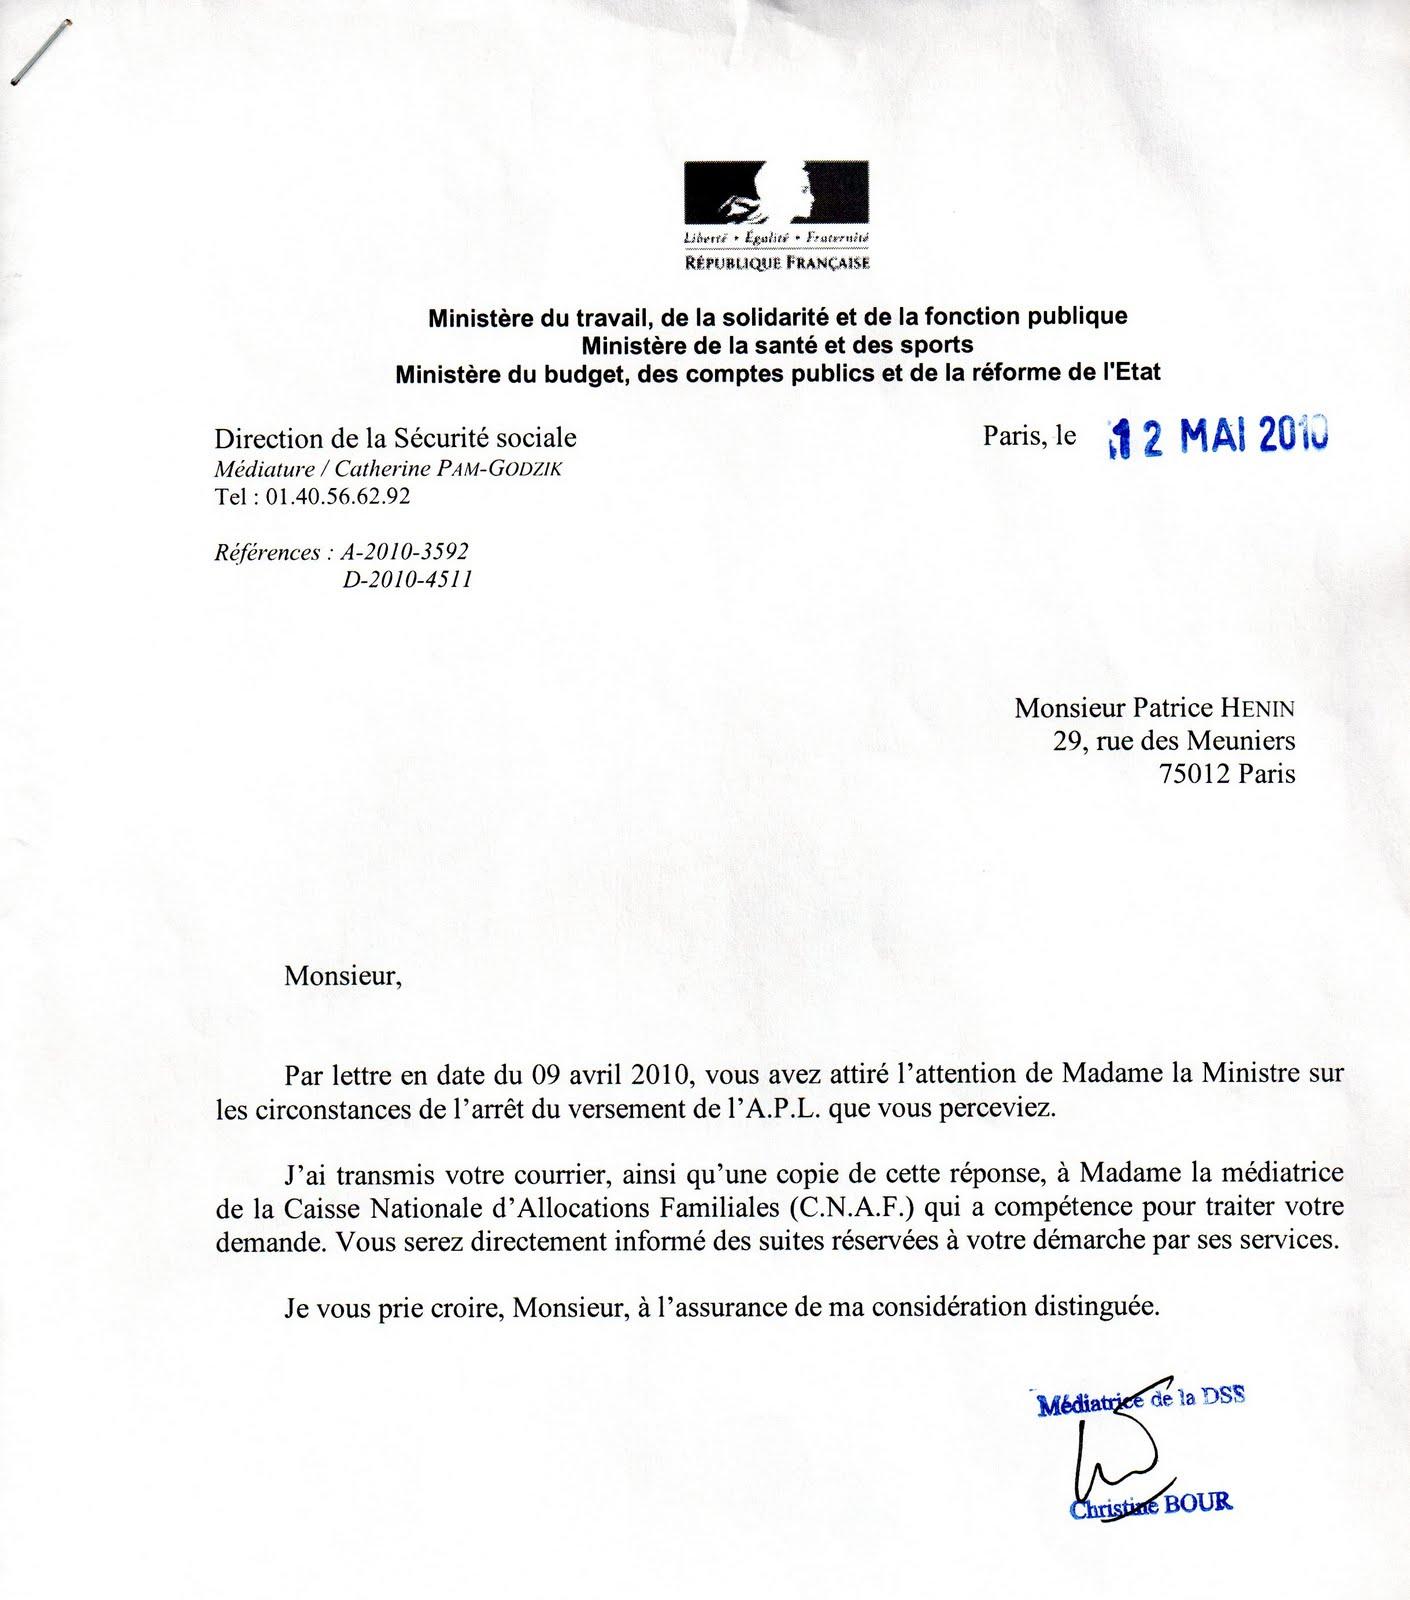 Lettre Pour Demander Le Versement Caf Apl